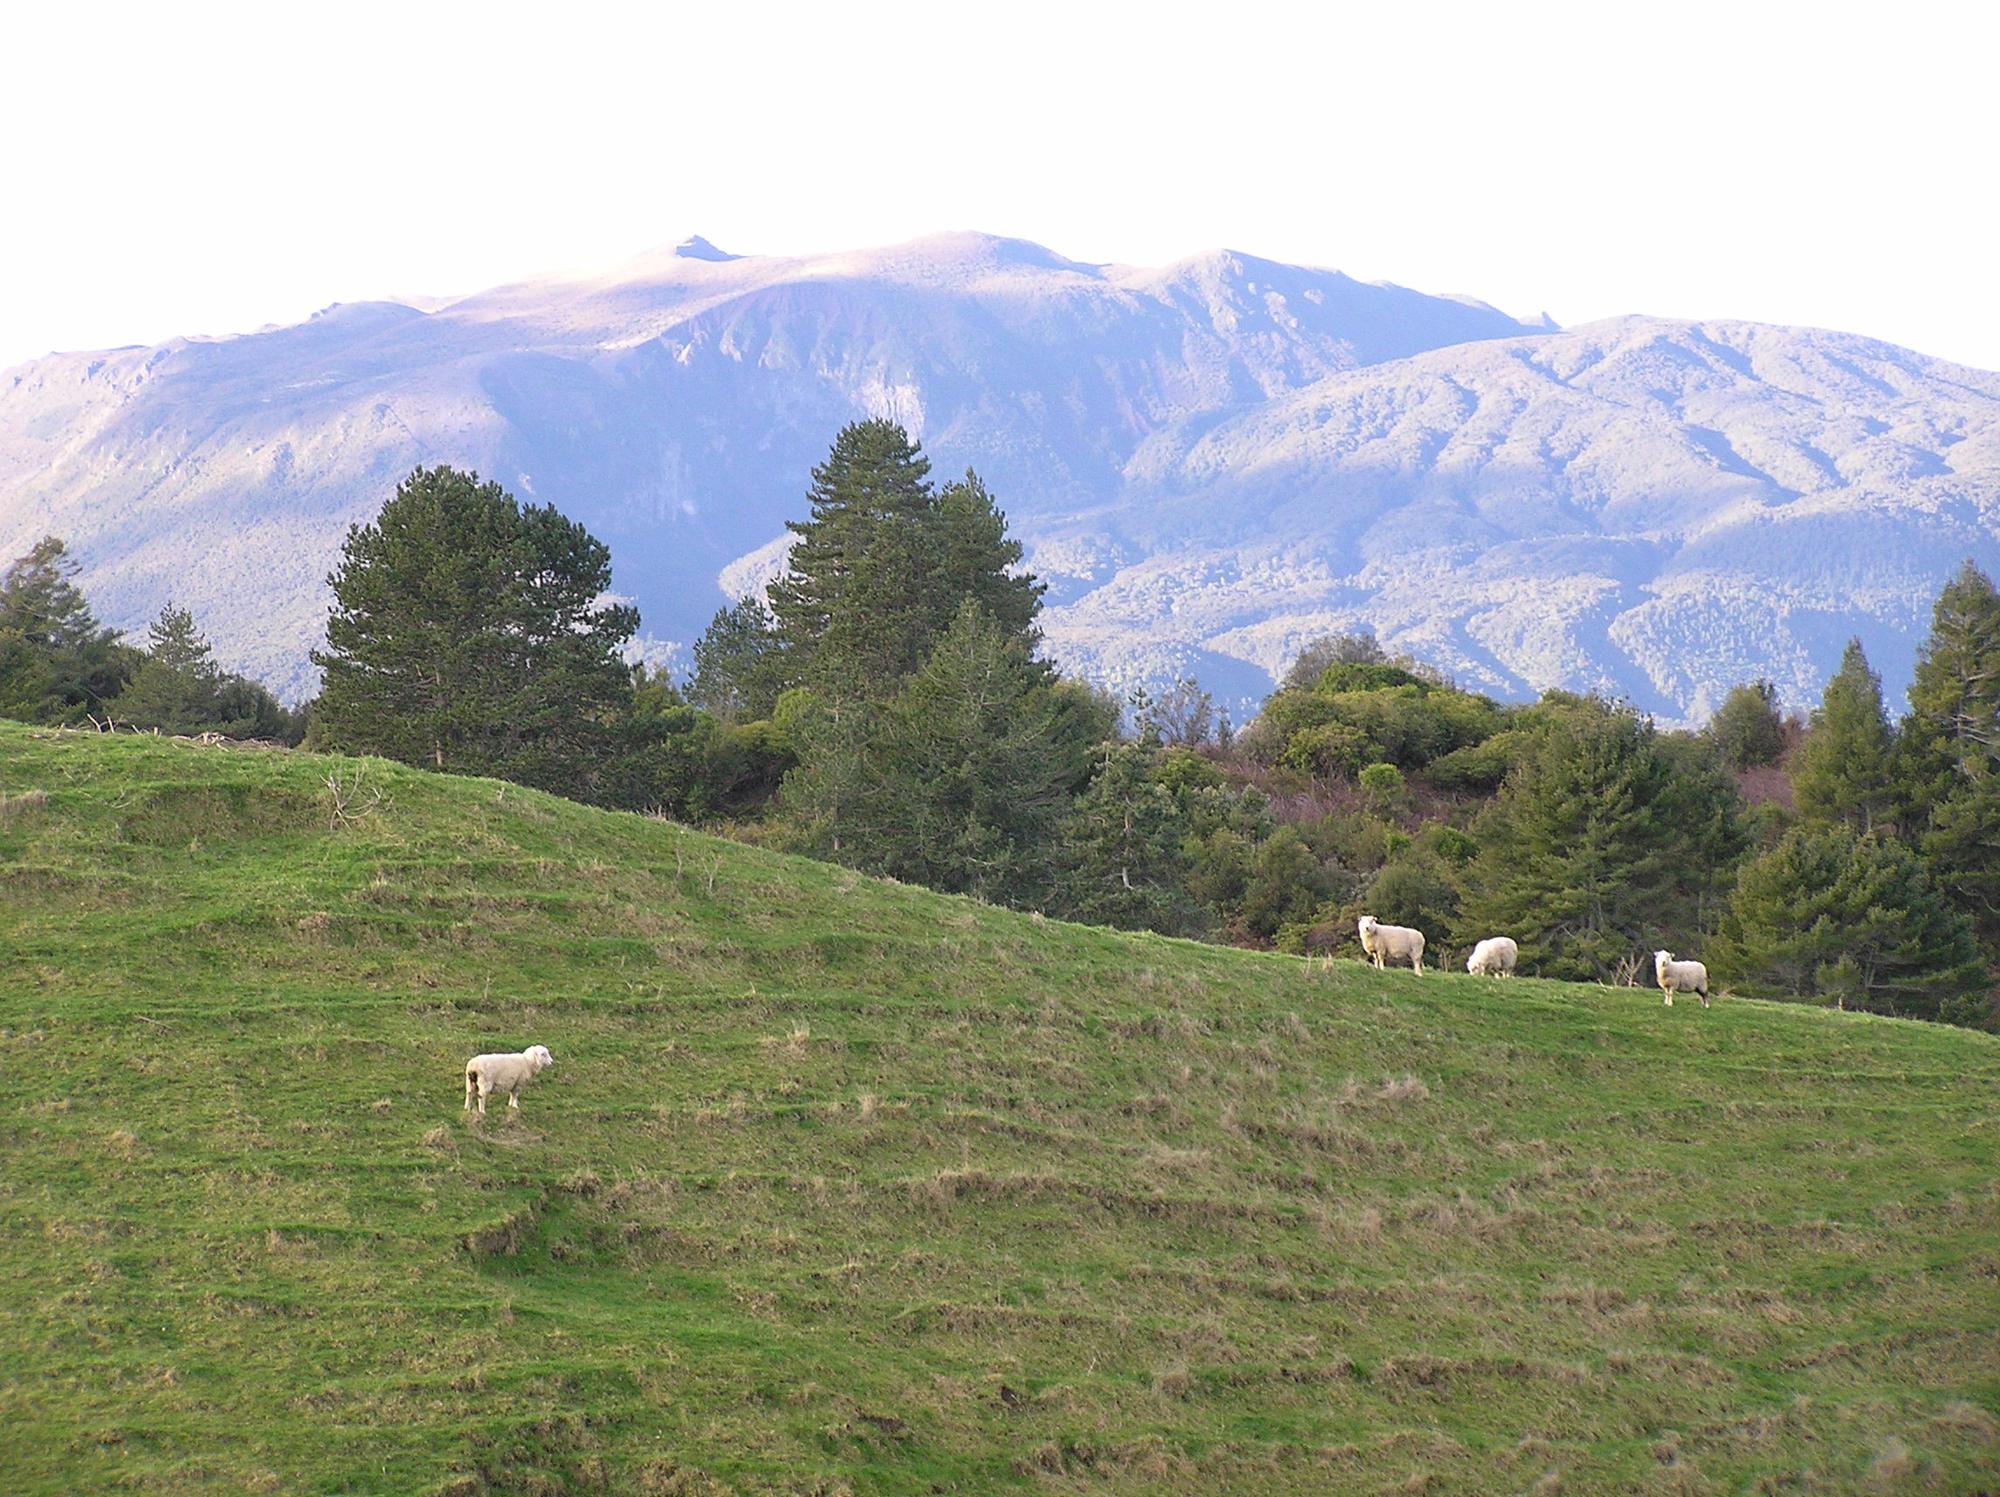 ニュージーランド経済を考察すると